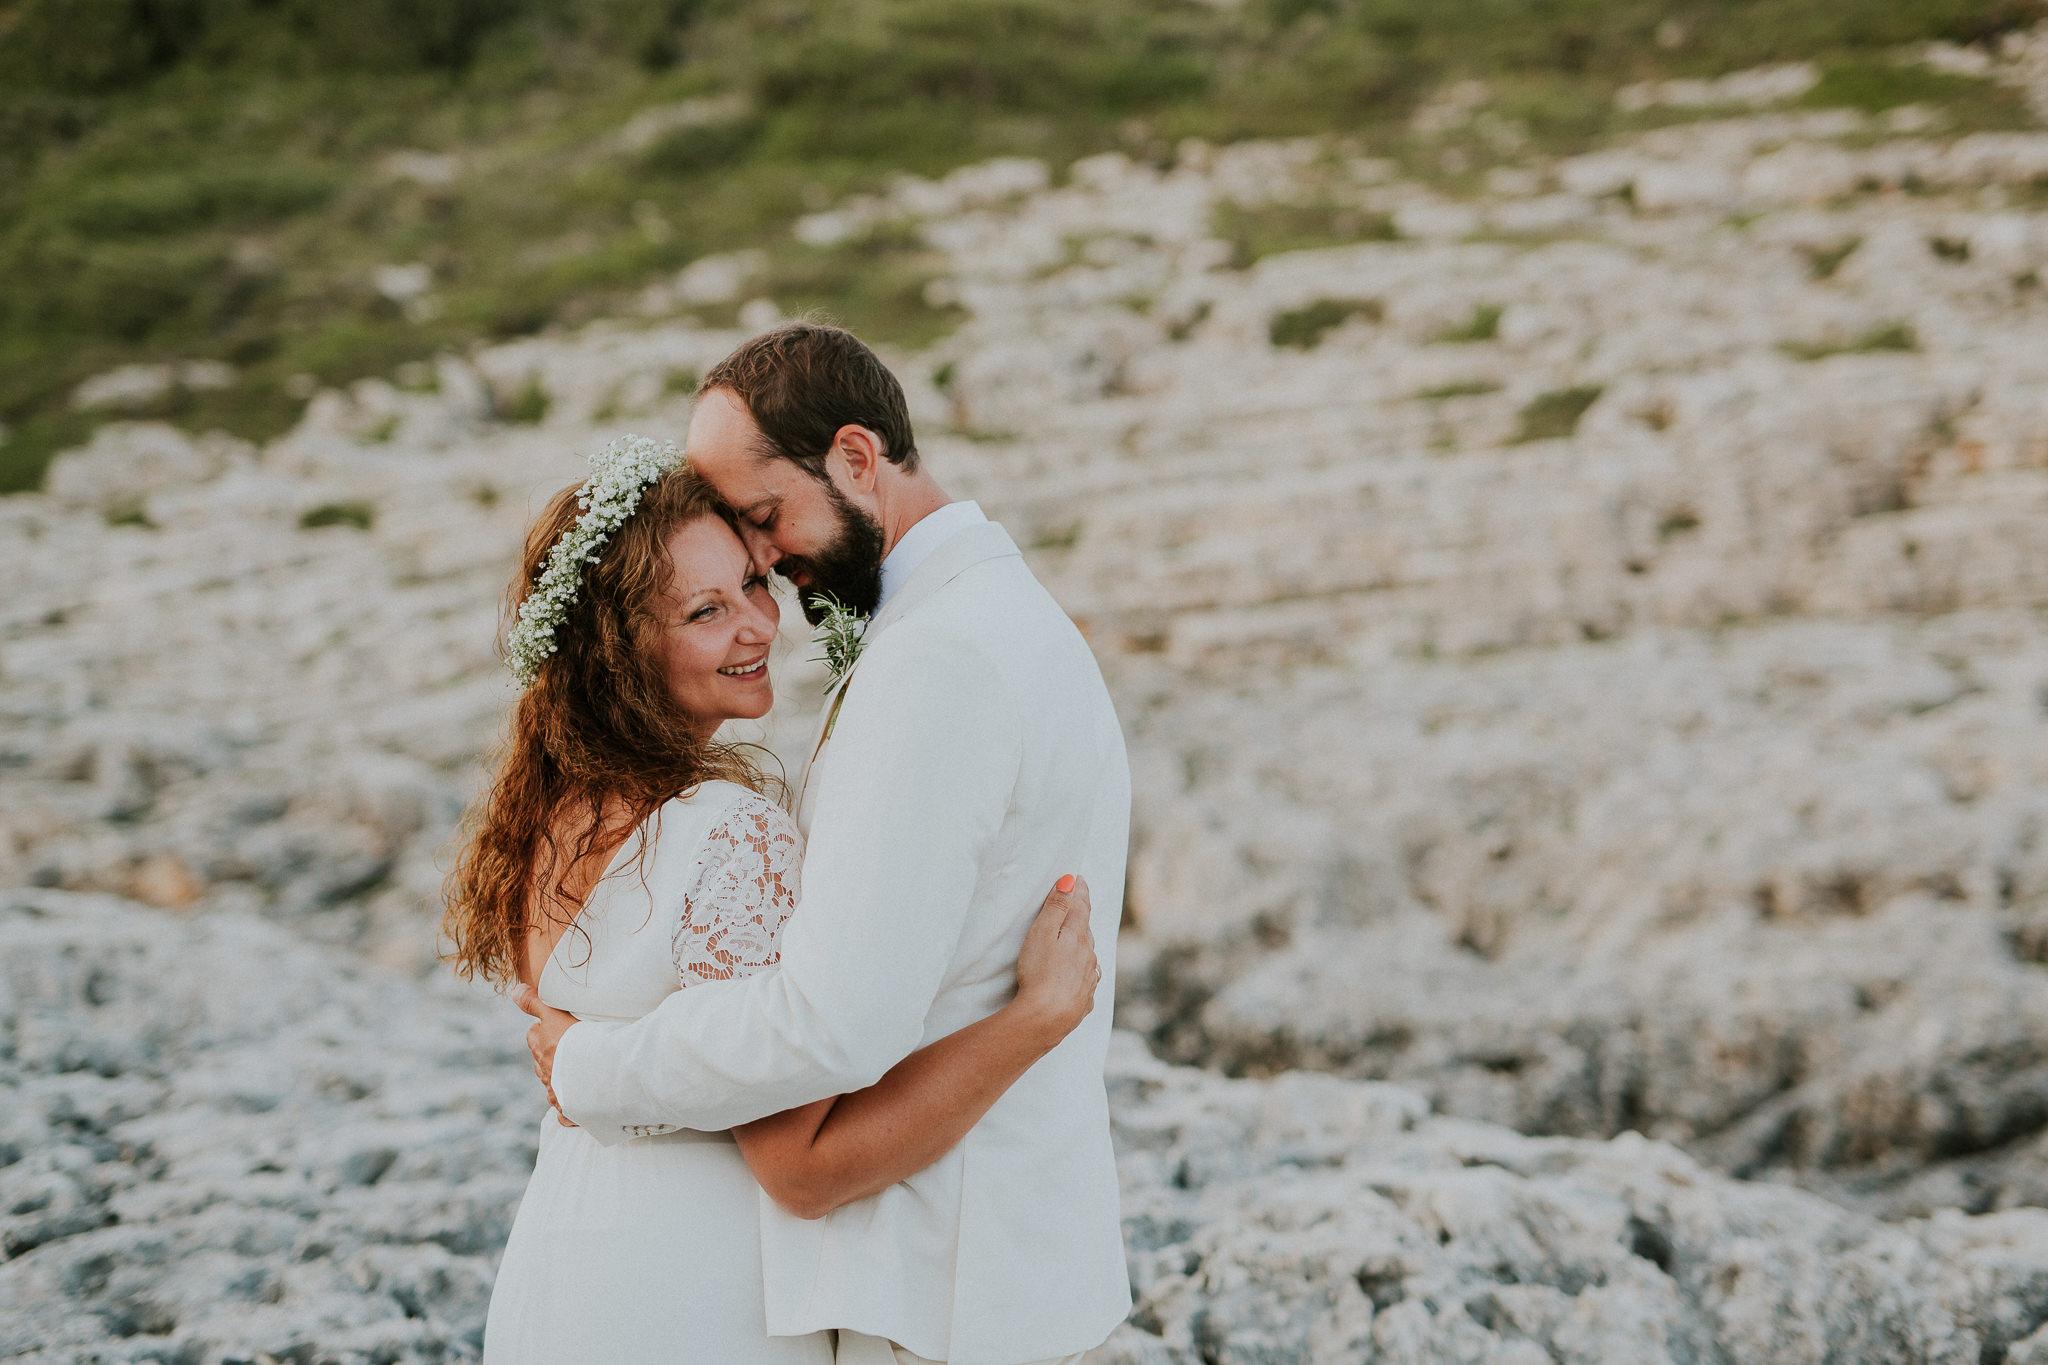 bryllupsbilde-blikkfangerne-fotograf-Tone-Tvedt08.jpg